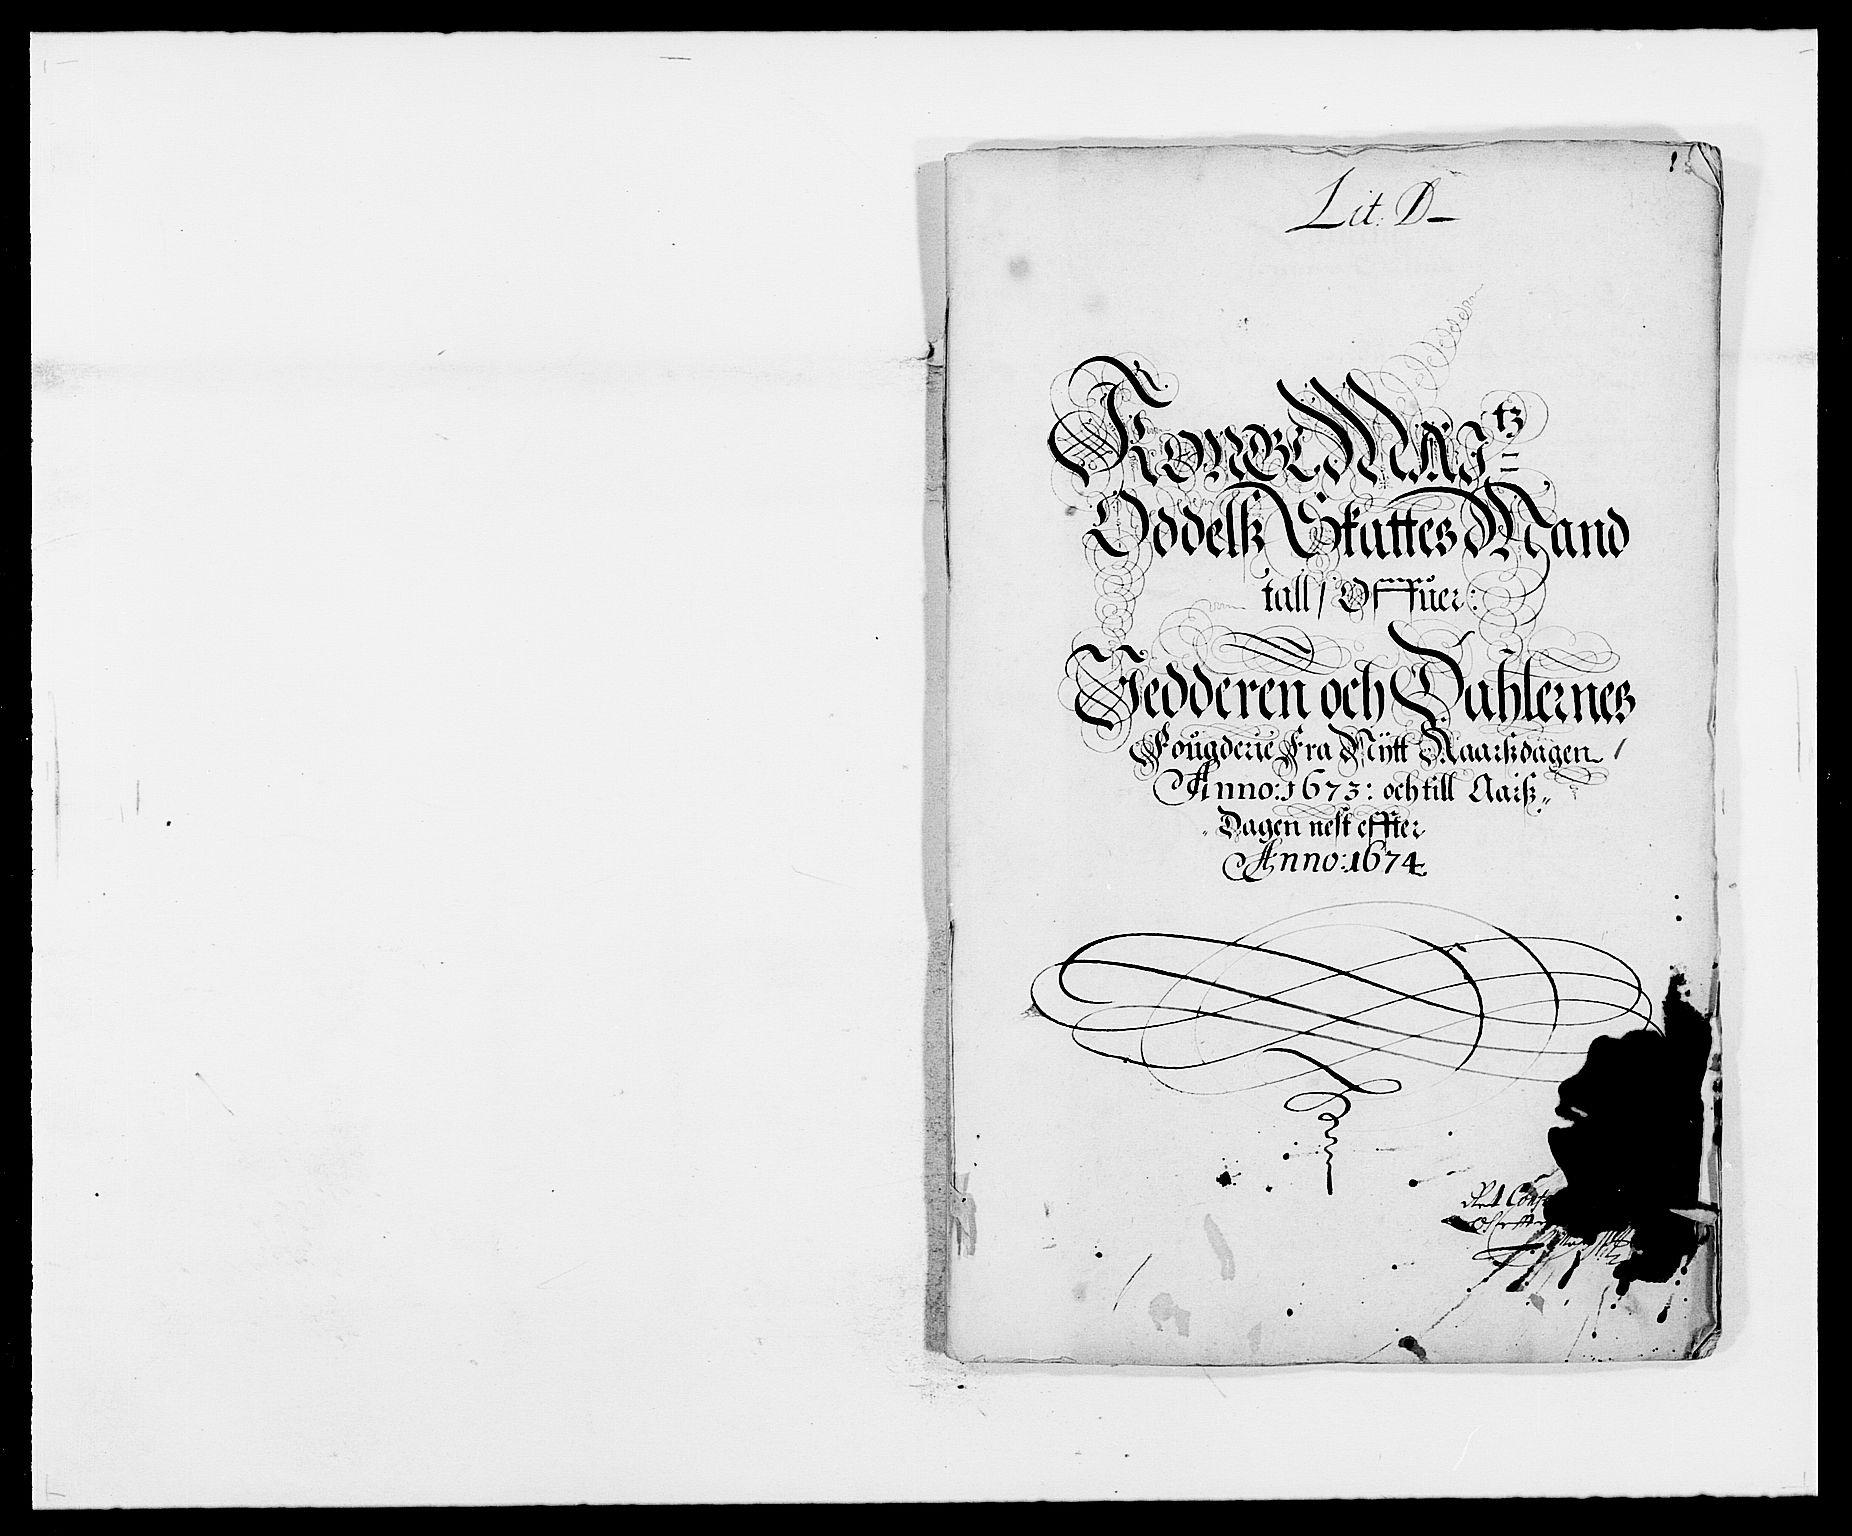 RA, Rentekammeret inntil 1814, Reviderte regnskaper, Fogderegnskap, R46/L2714: Fogderegnskap Jæren og Dalane, 1673-1674, s. 70